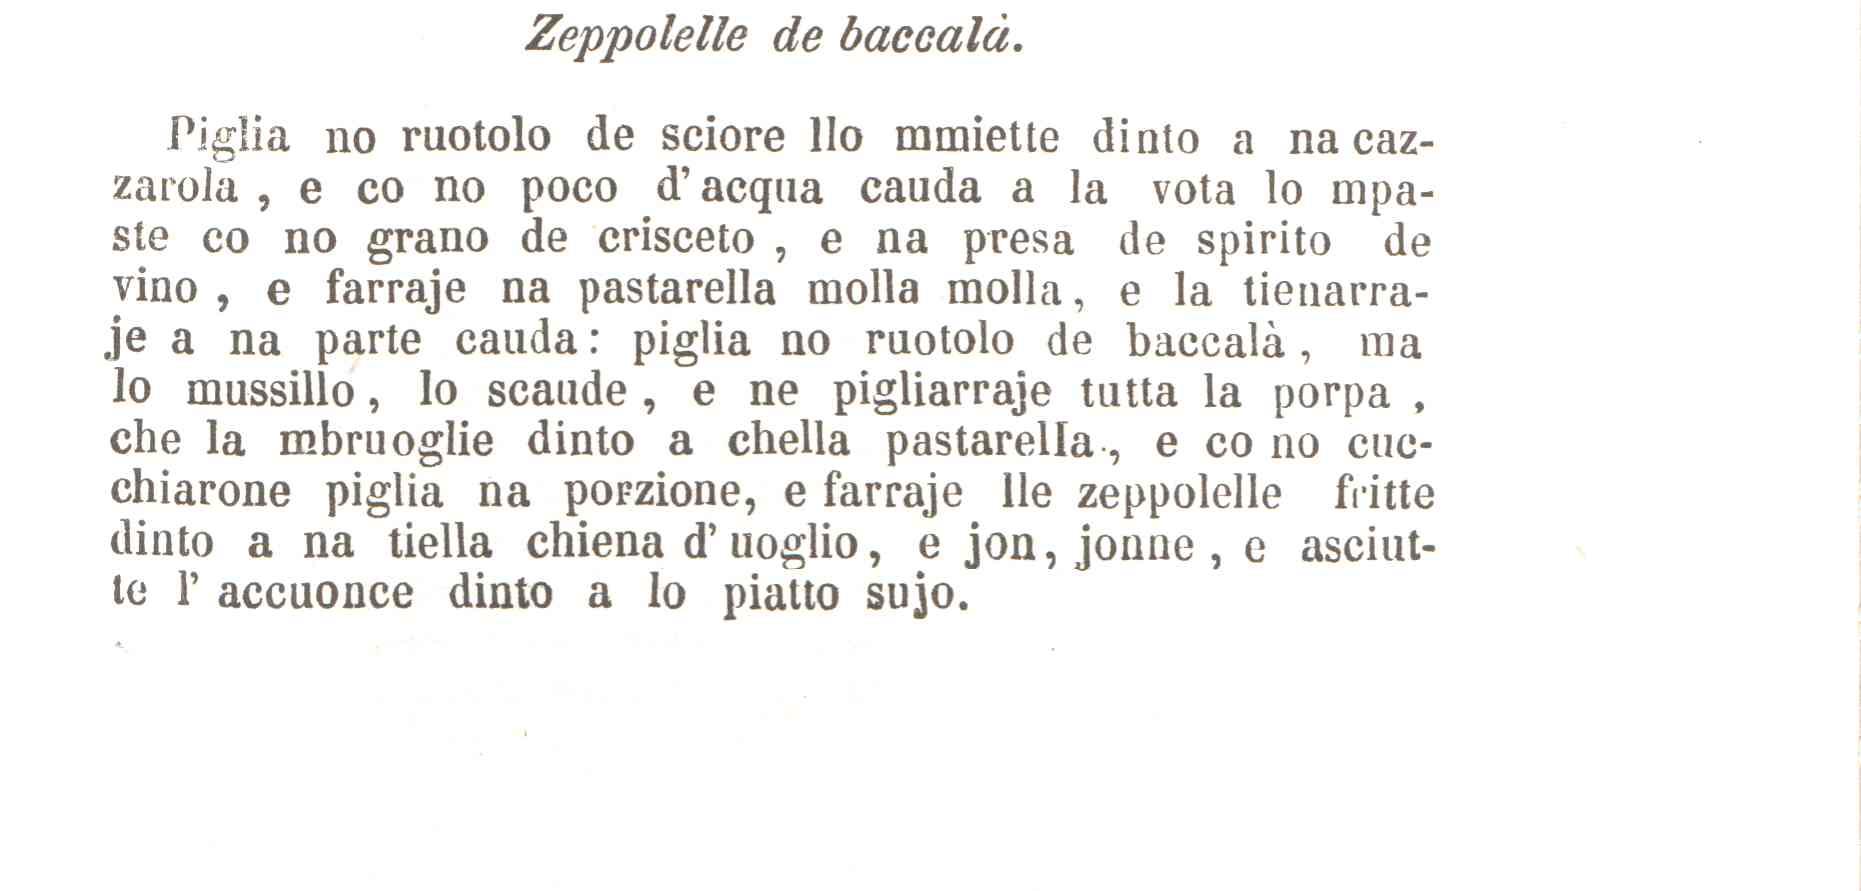 testo zeppolelle e baccalà